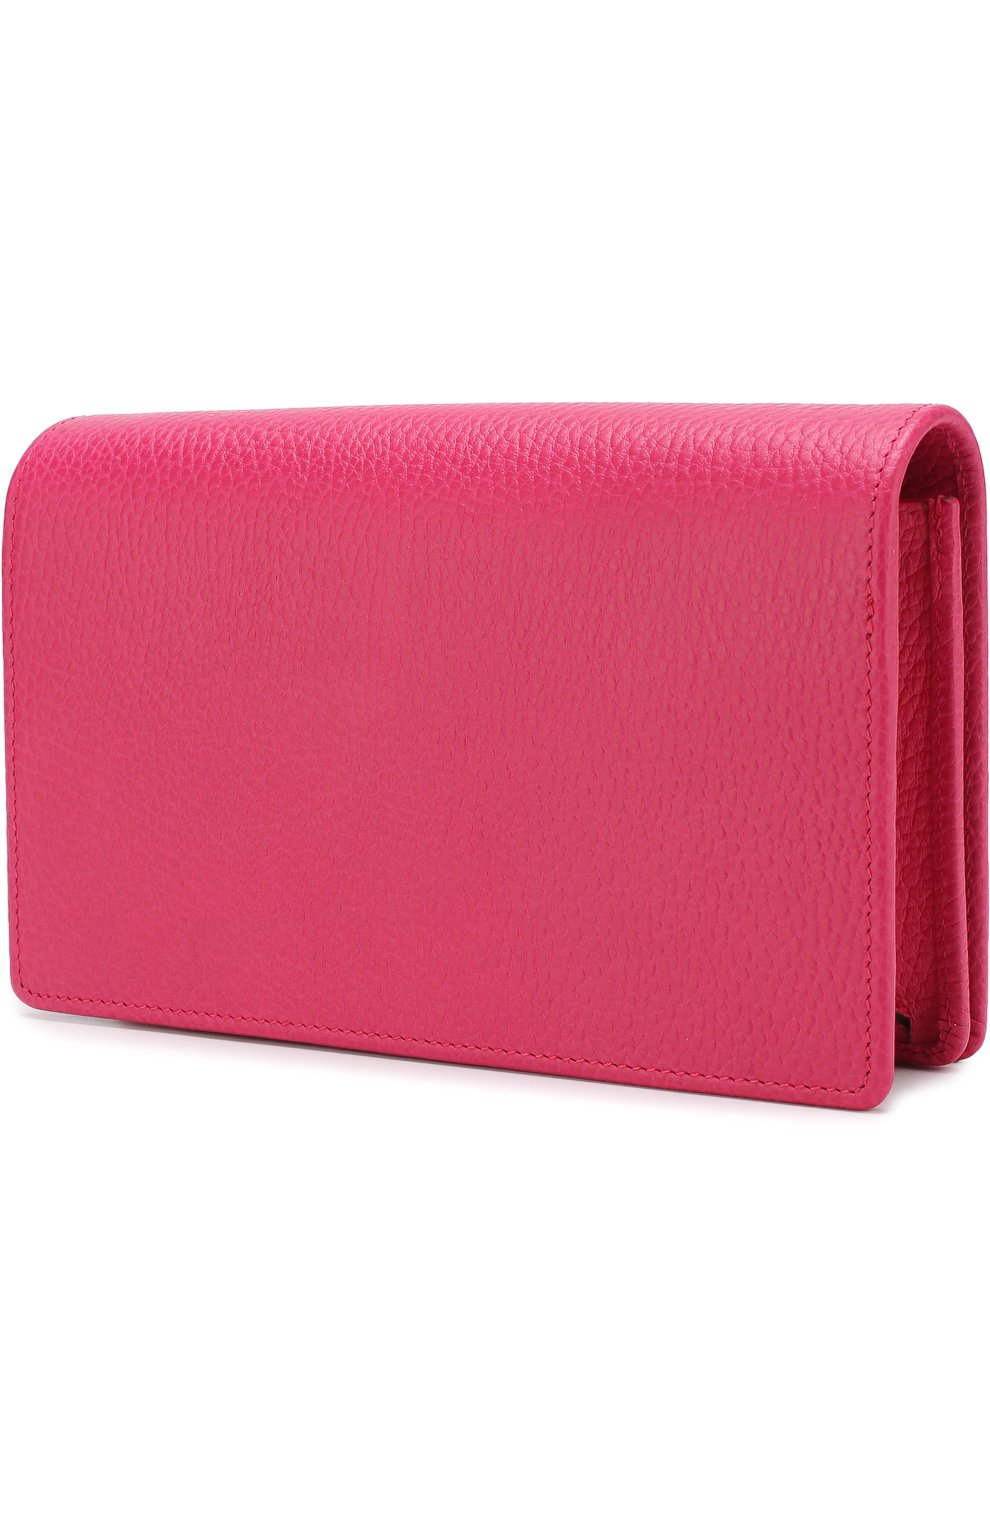 Женская сумка gg marmont mini GUCCI фуксия цвета, арт. 497985/CA00G | Фото 3